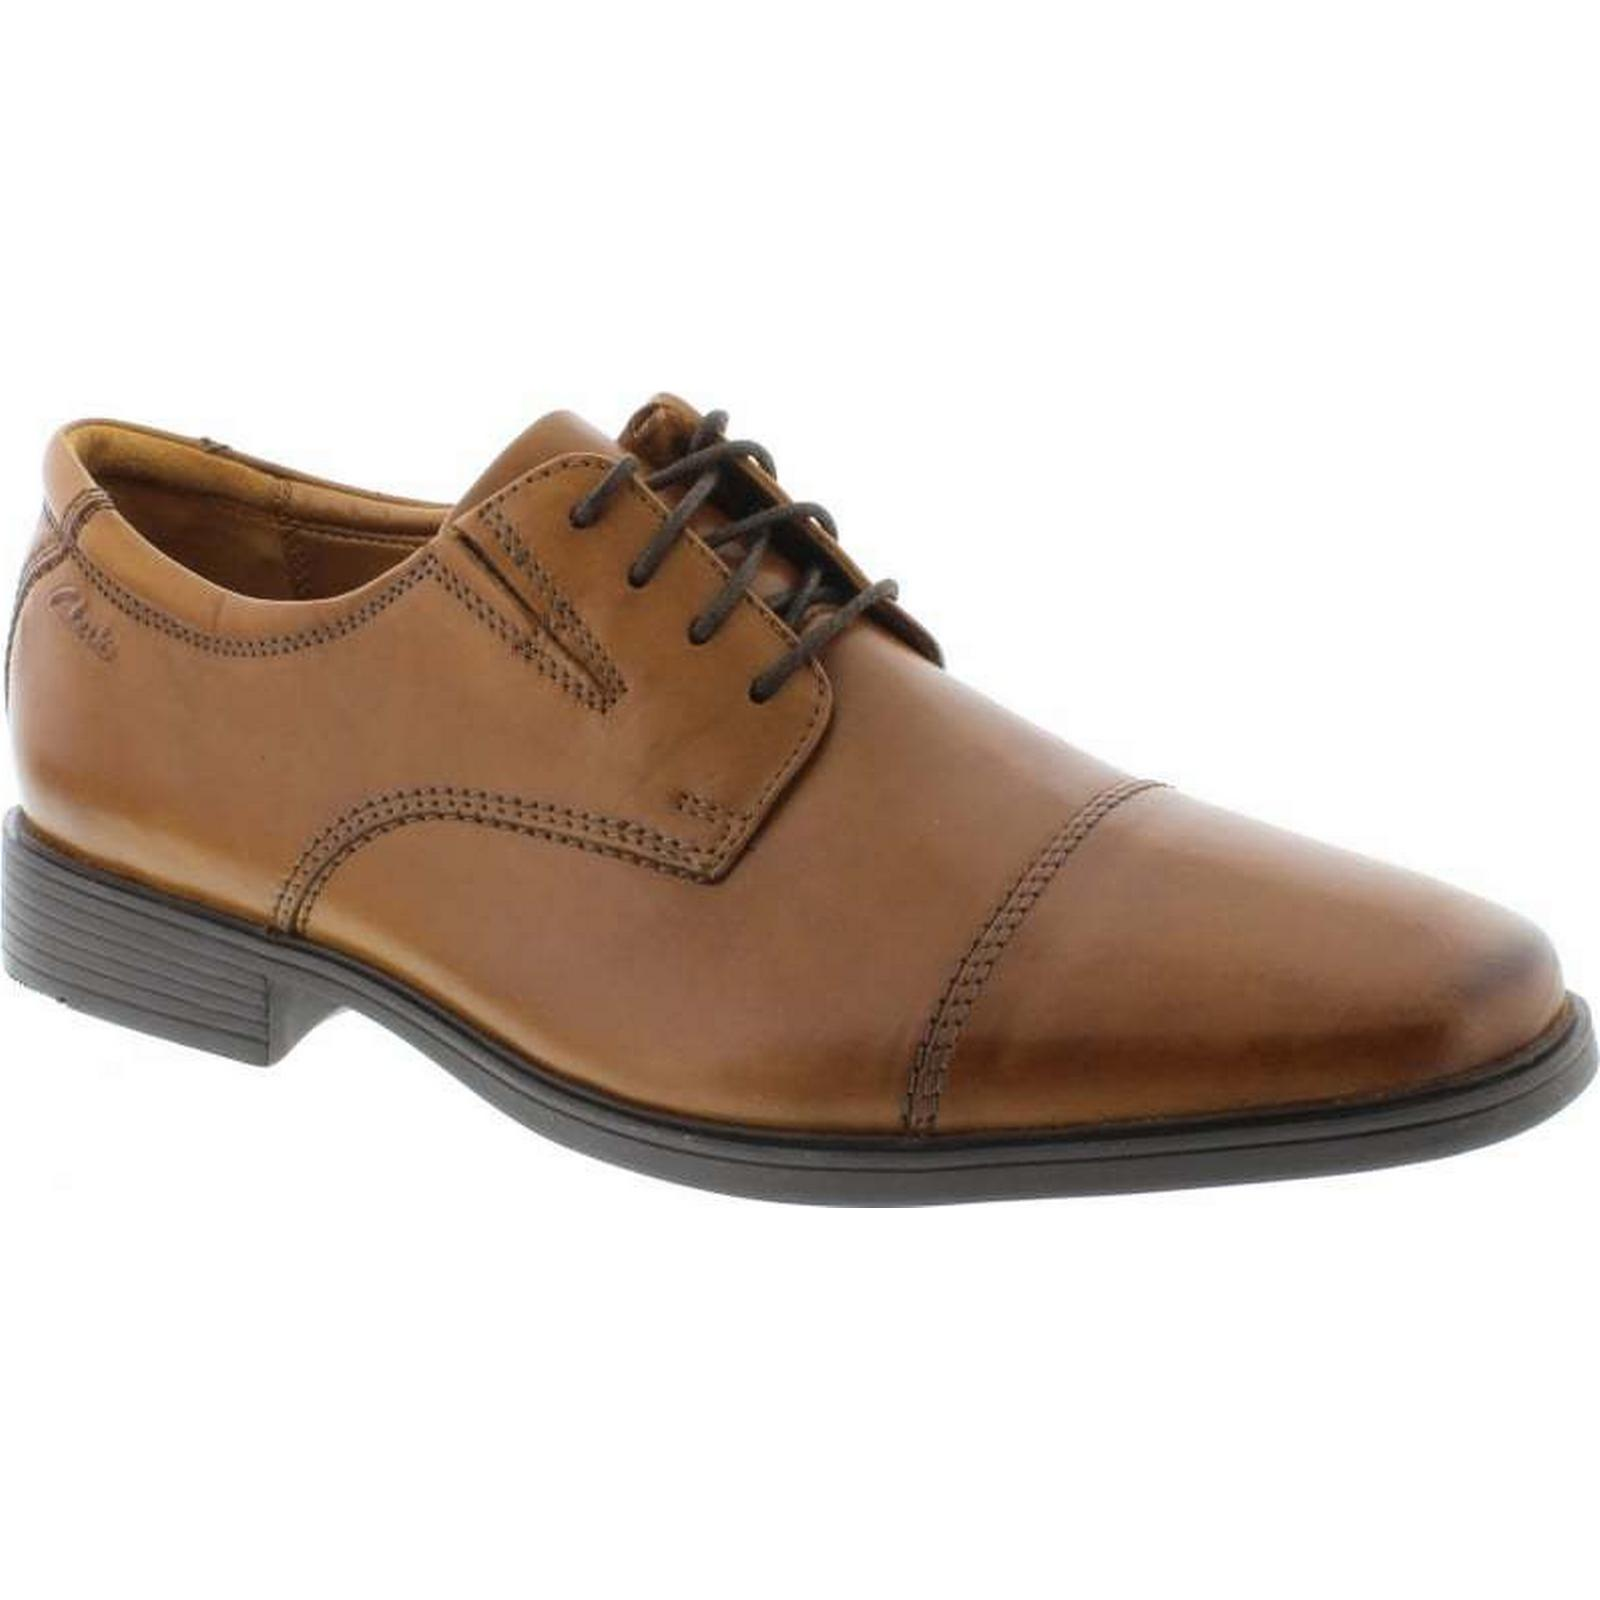 Clarks 10 Tilden Cap - Dark Tan Leather Size: 10 Clarks UK 874ceb